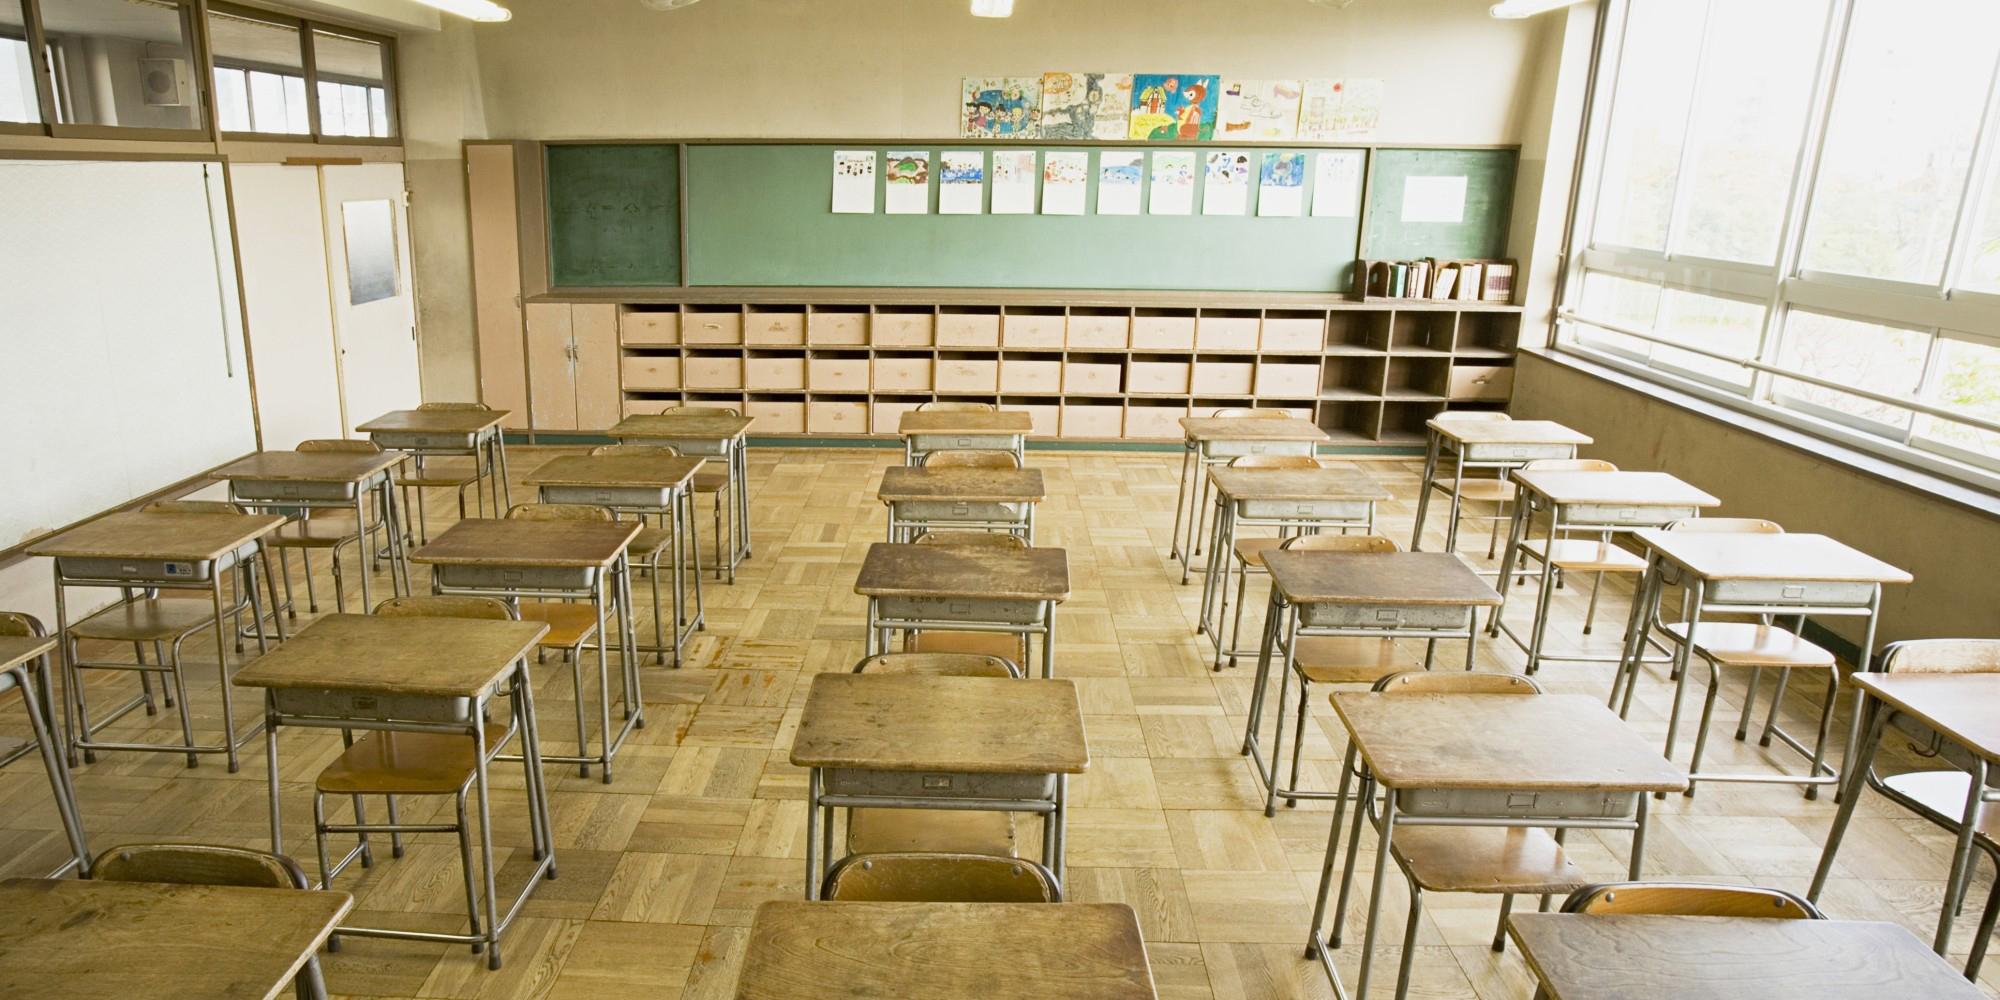 Poluição | Estudo levanta dúvidas sobre qualidade do ar em escolas privadas